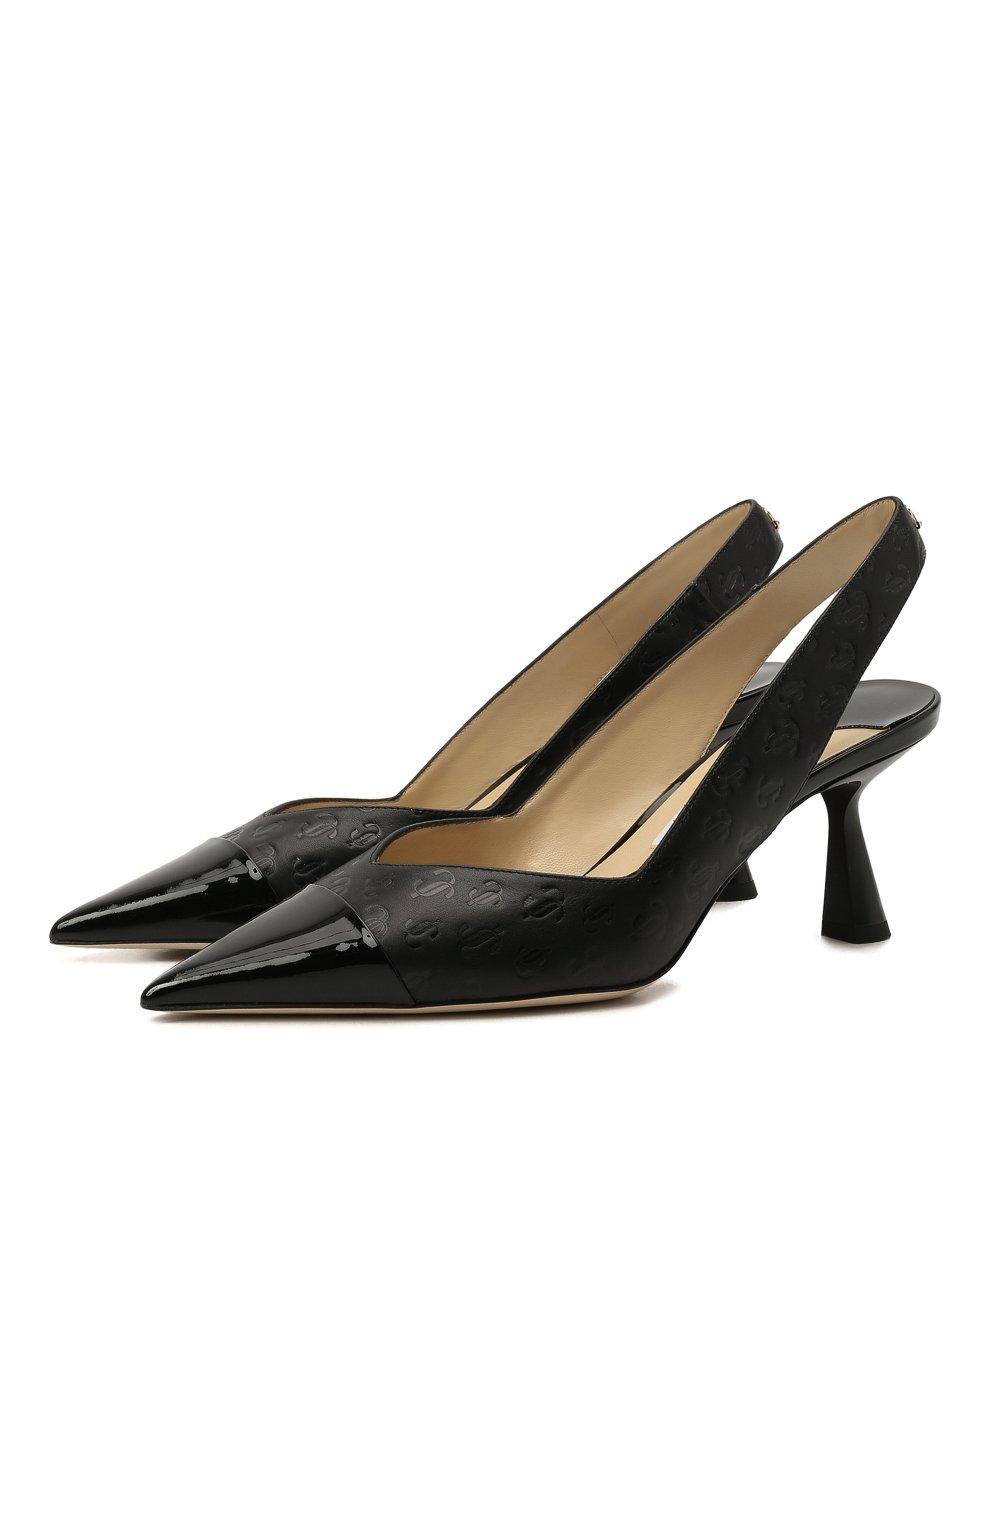 Женские кожаные туфли liya 65 JIMMY CHOO черного цвета, арт. LIYA 65/ZY0 | Фото 1 (Материал внутренний: Натуральная кожа; Каблук высота: Средний; Каблук тип: Фигурный; Подошва: Плоская)